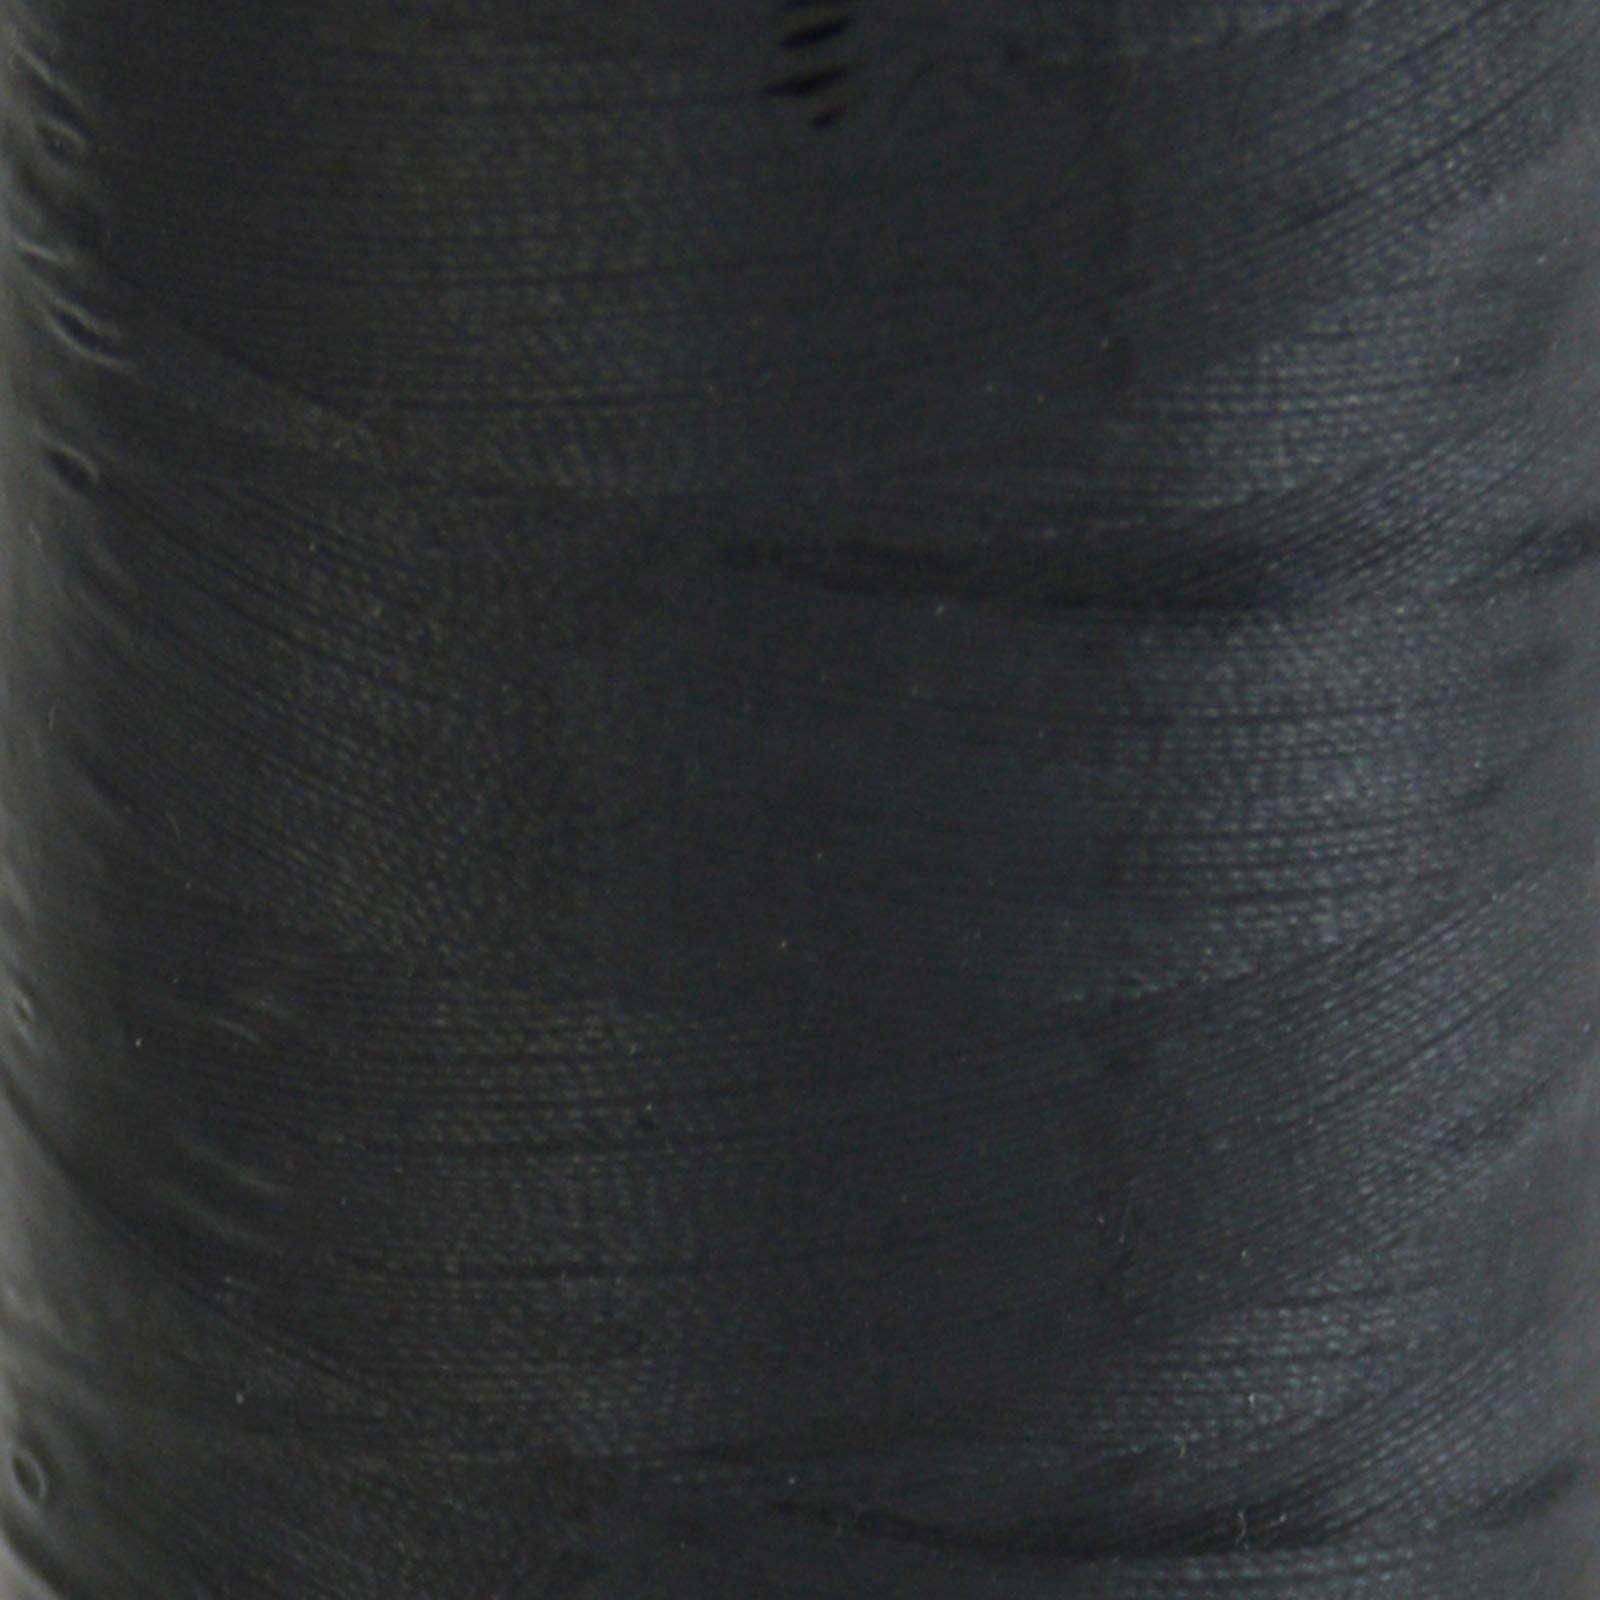 # 2692 Black